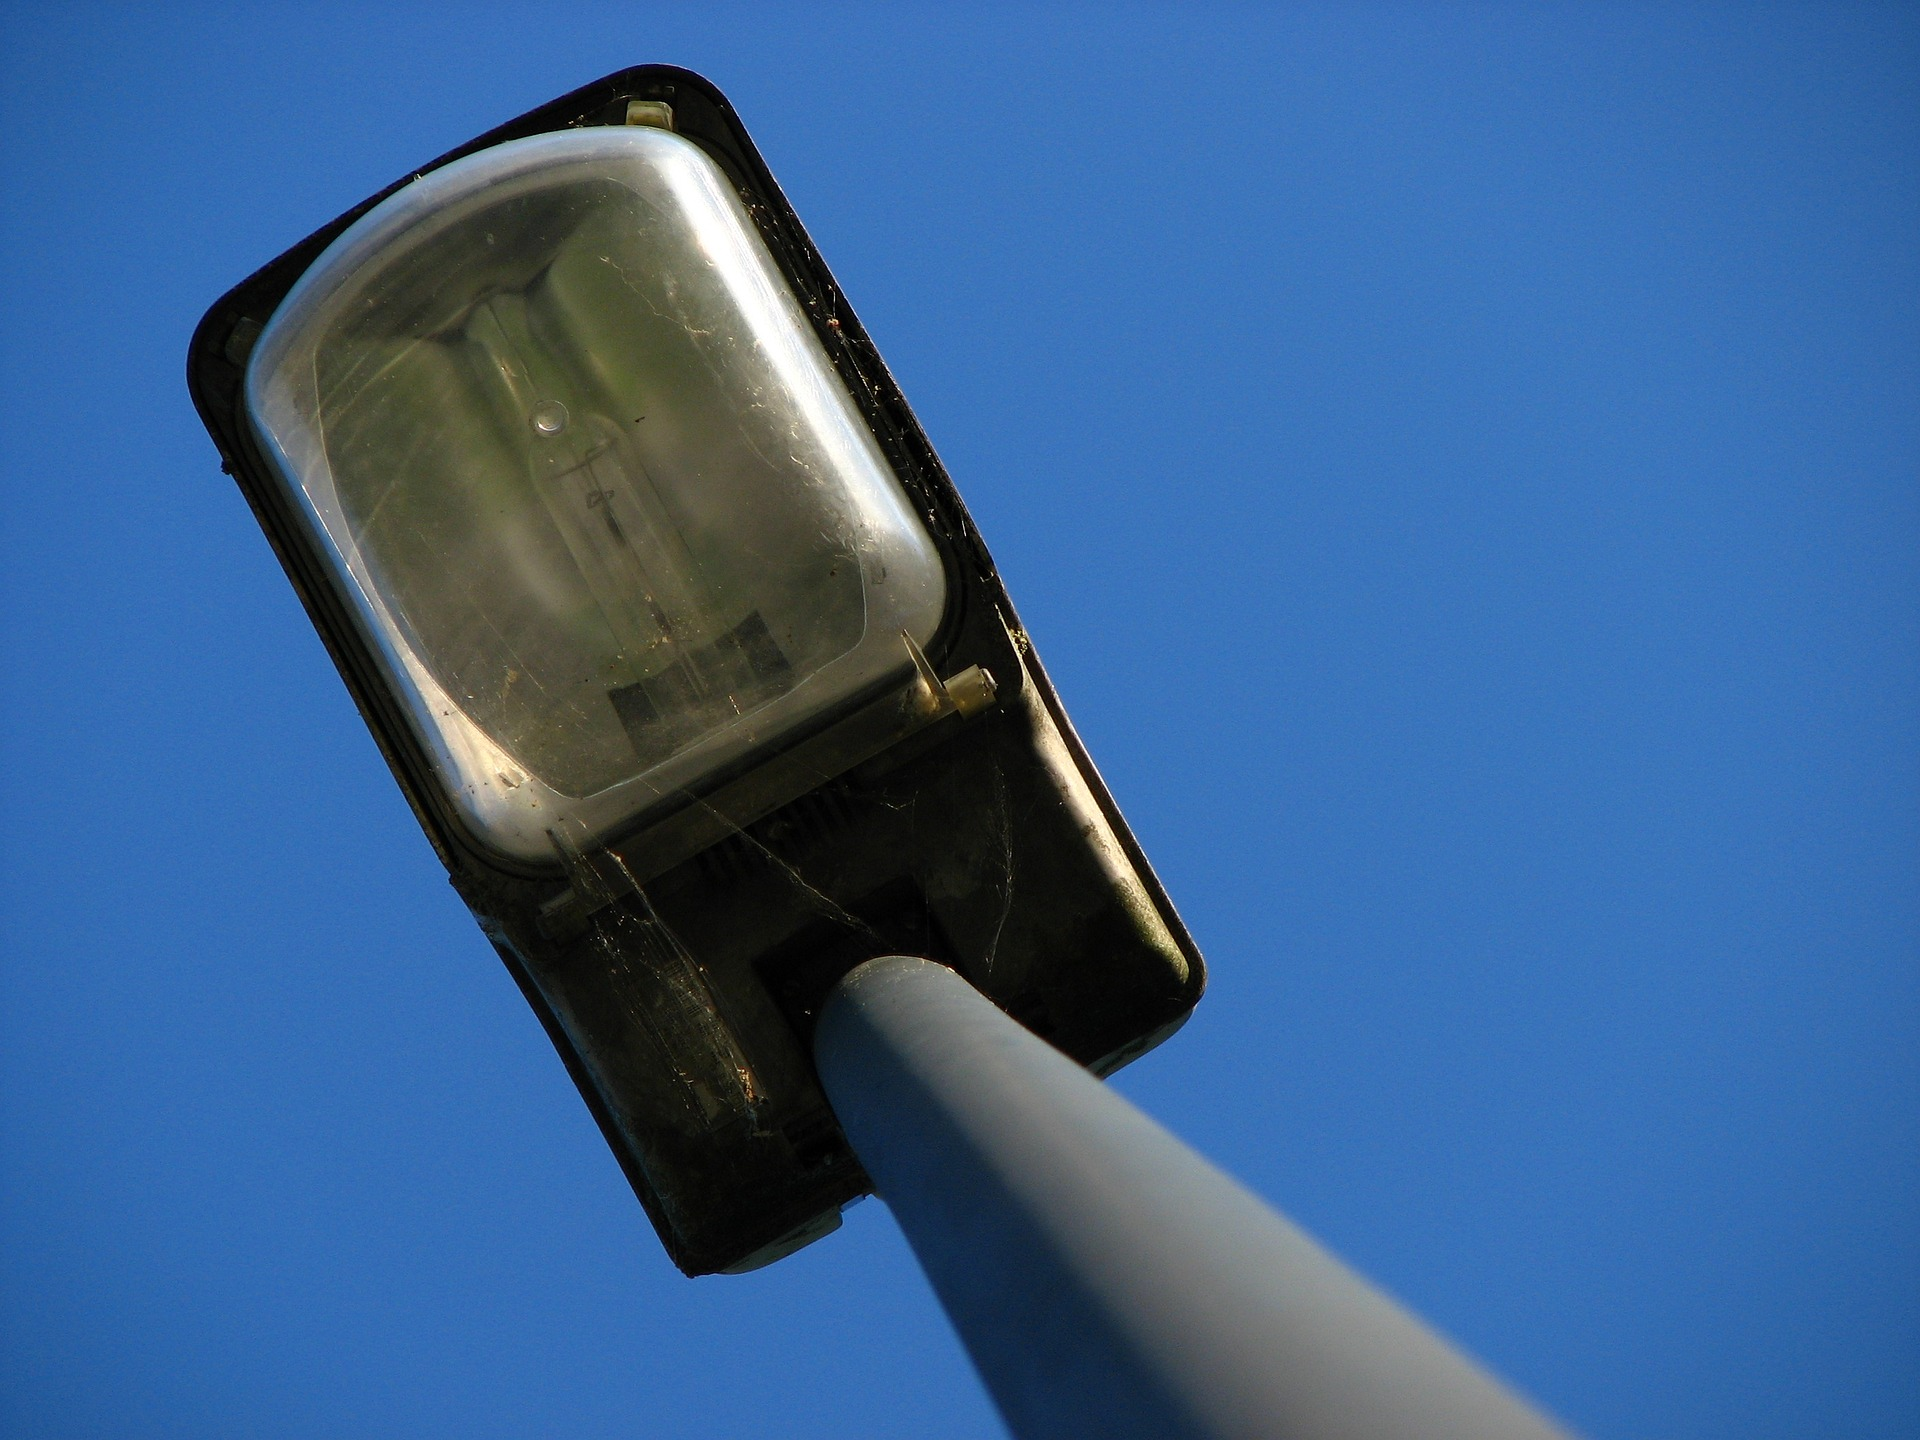 Hérimoncourt teste la coupure des éclairages. Image par Thomas B. de Pixabay